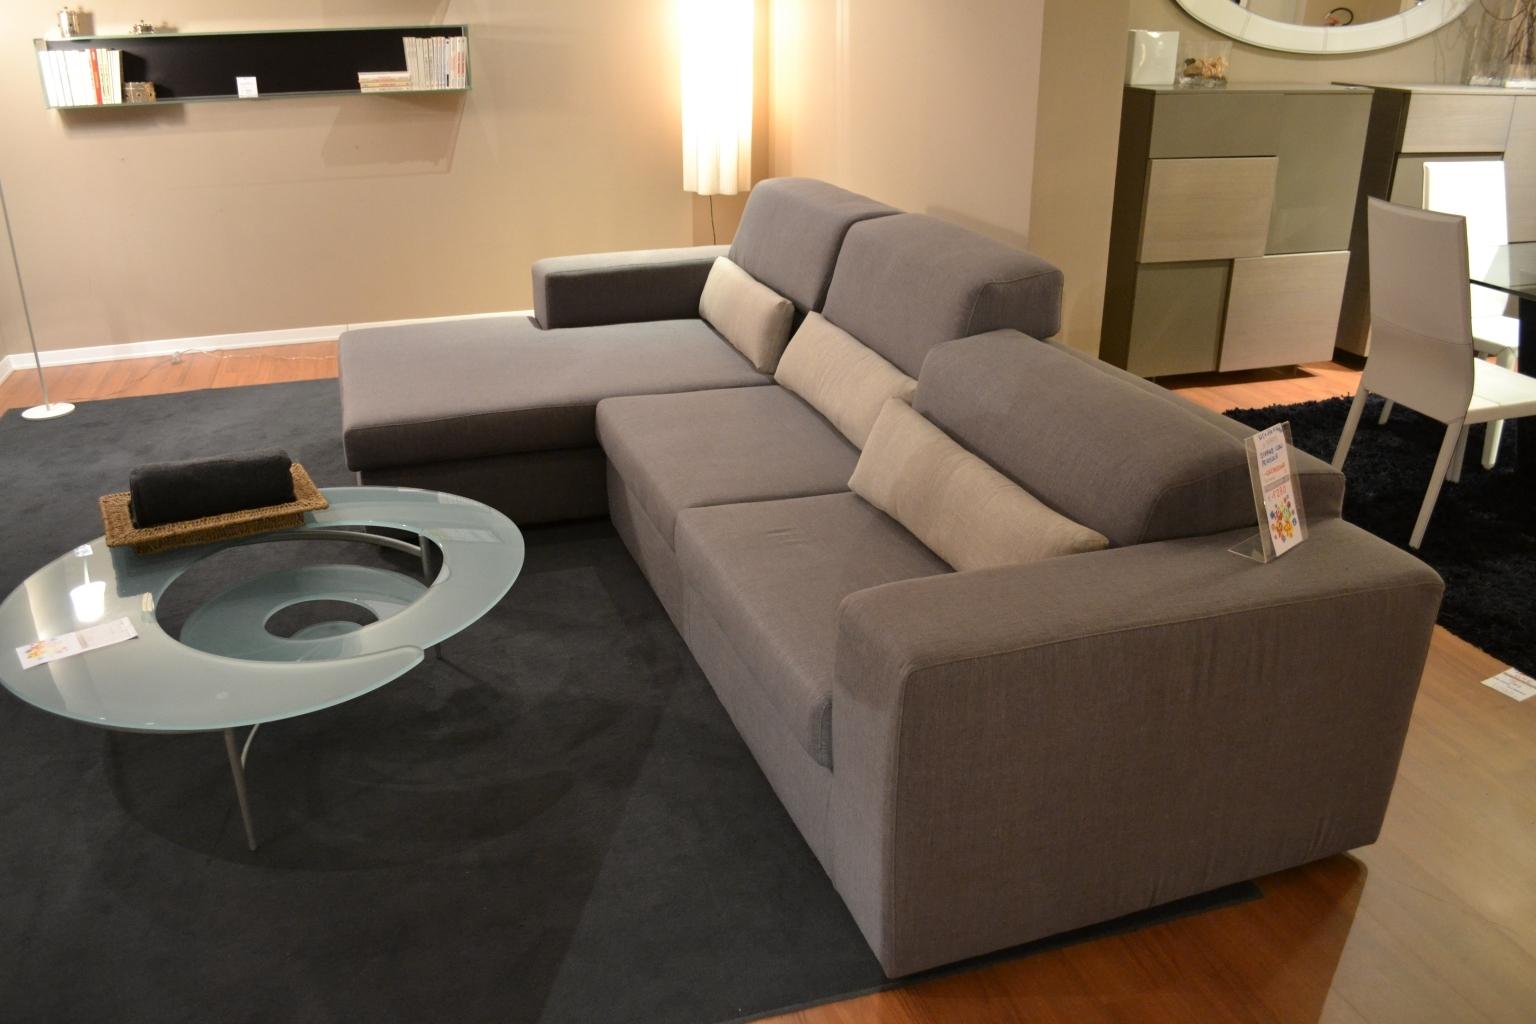 Divano londra la casa moderna divani a prezzi scontati for La casa moderna